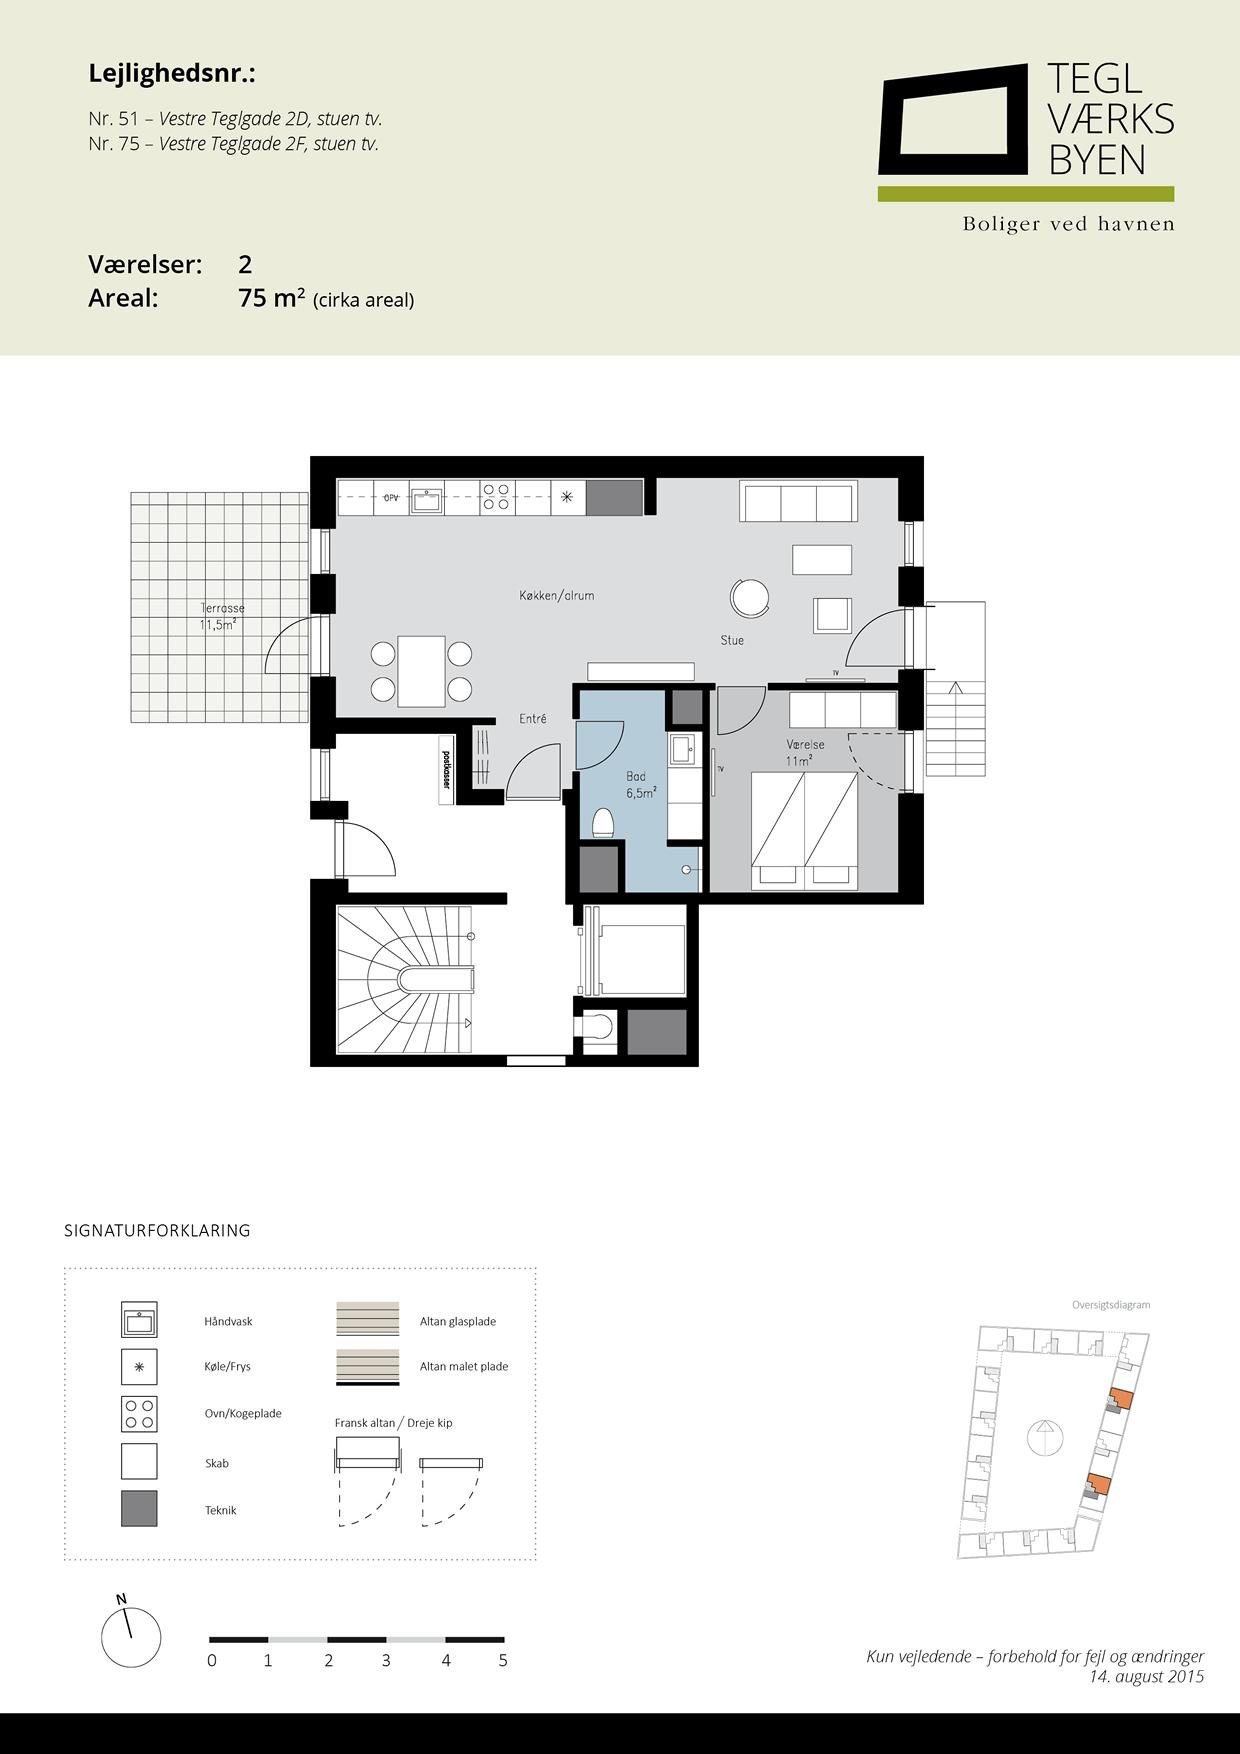 Teglvaerksbyen_51-75_plan